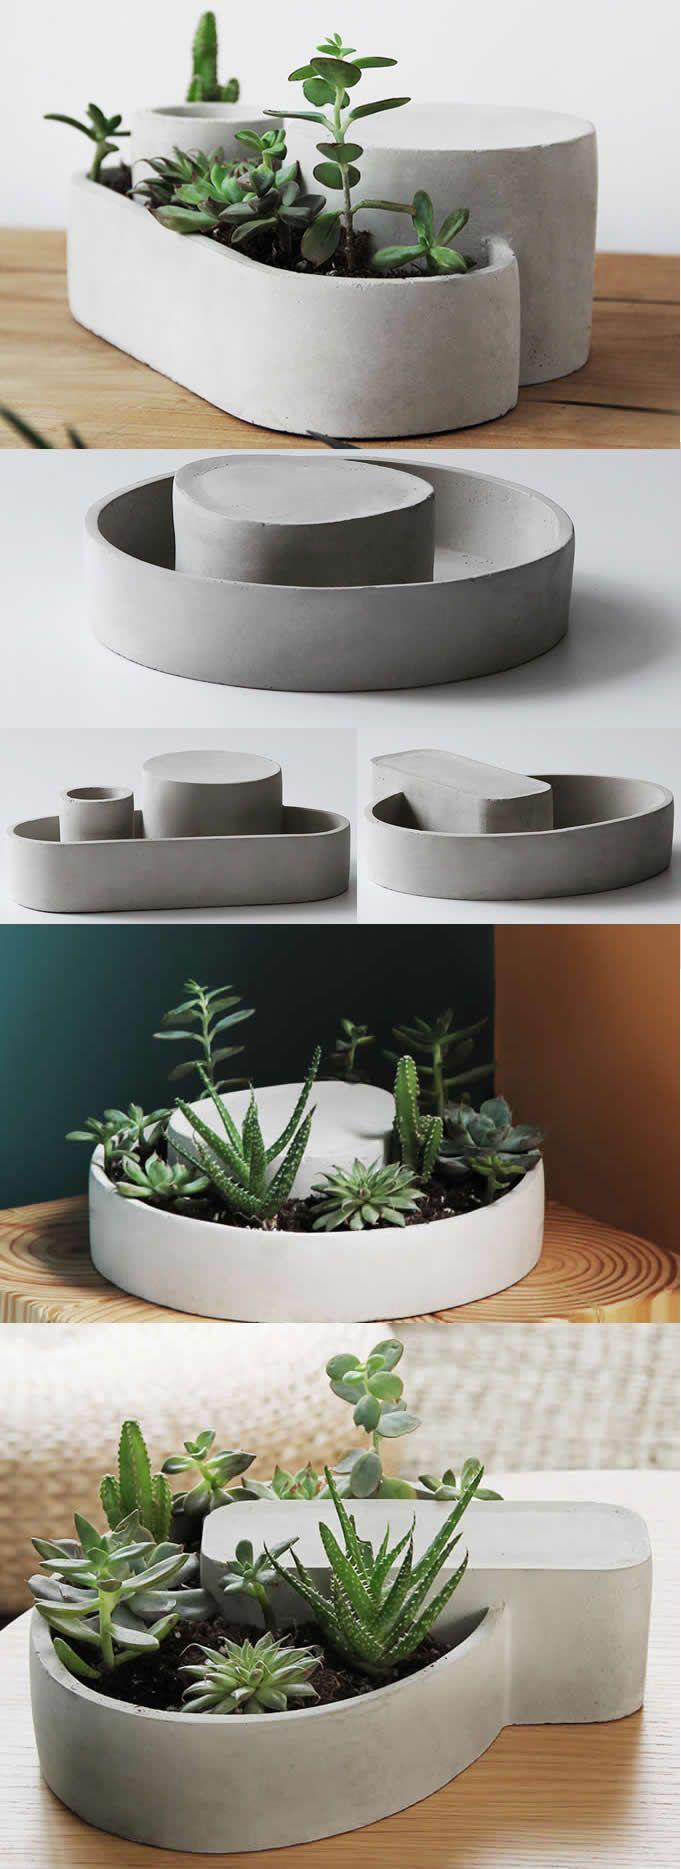 office flower pots. Concrete Modern Geometric Succulent Planter Flower Pot Pen Pencil Holder Office Desk Stationery Organizer Pots